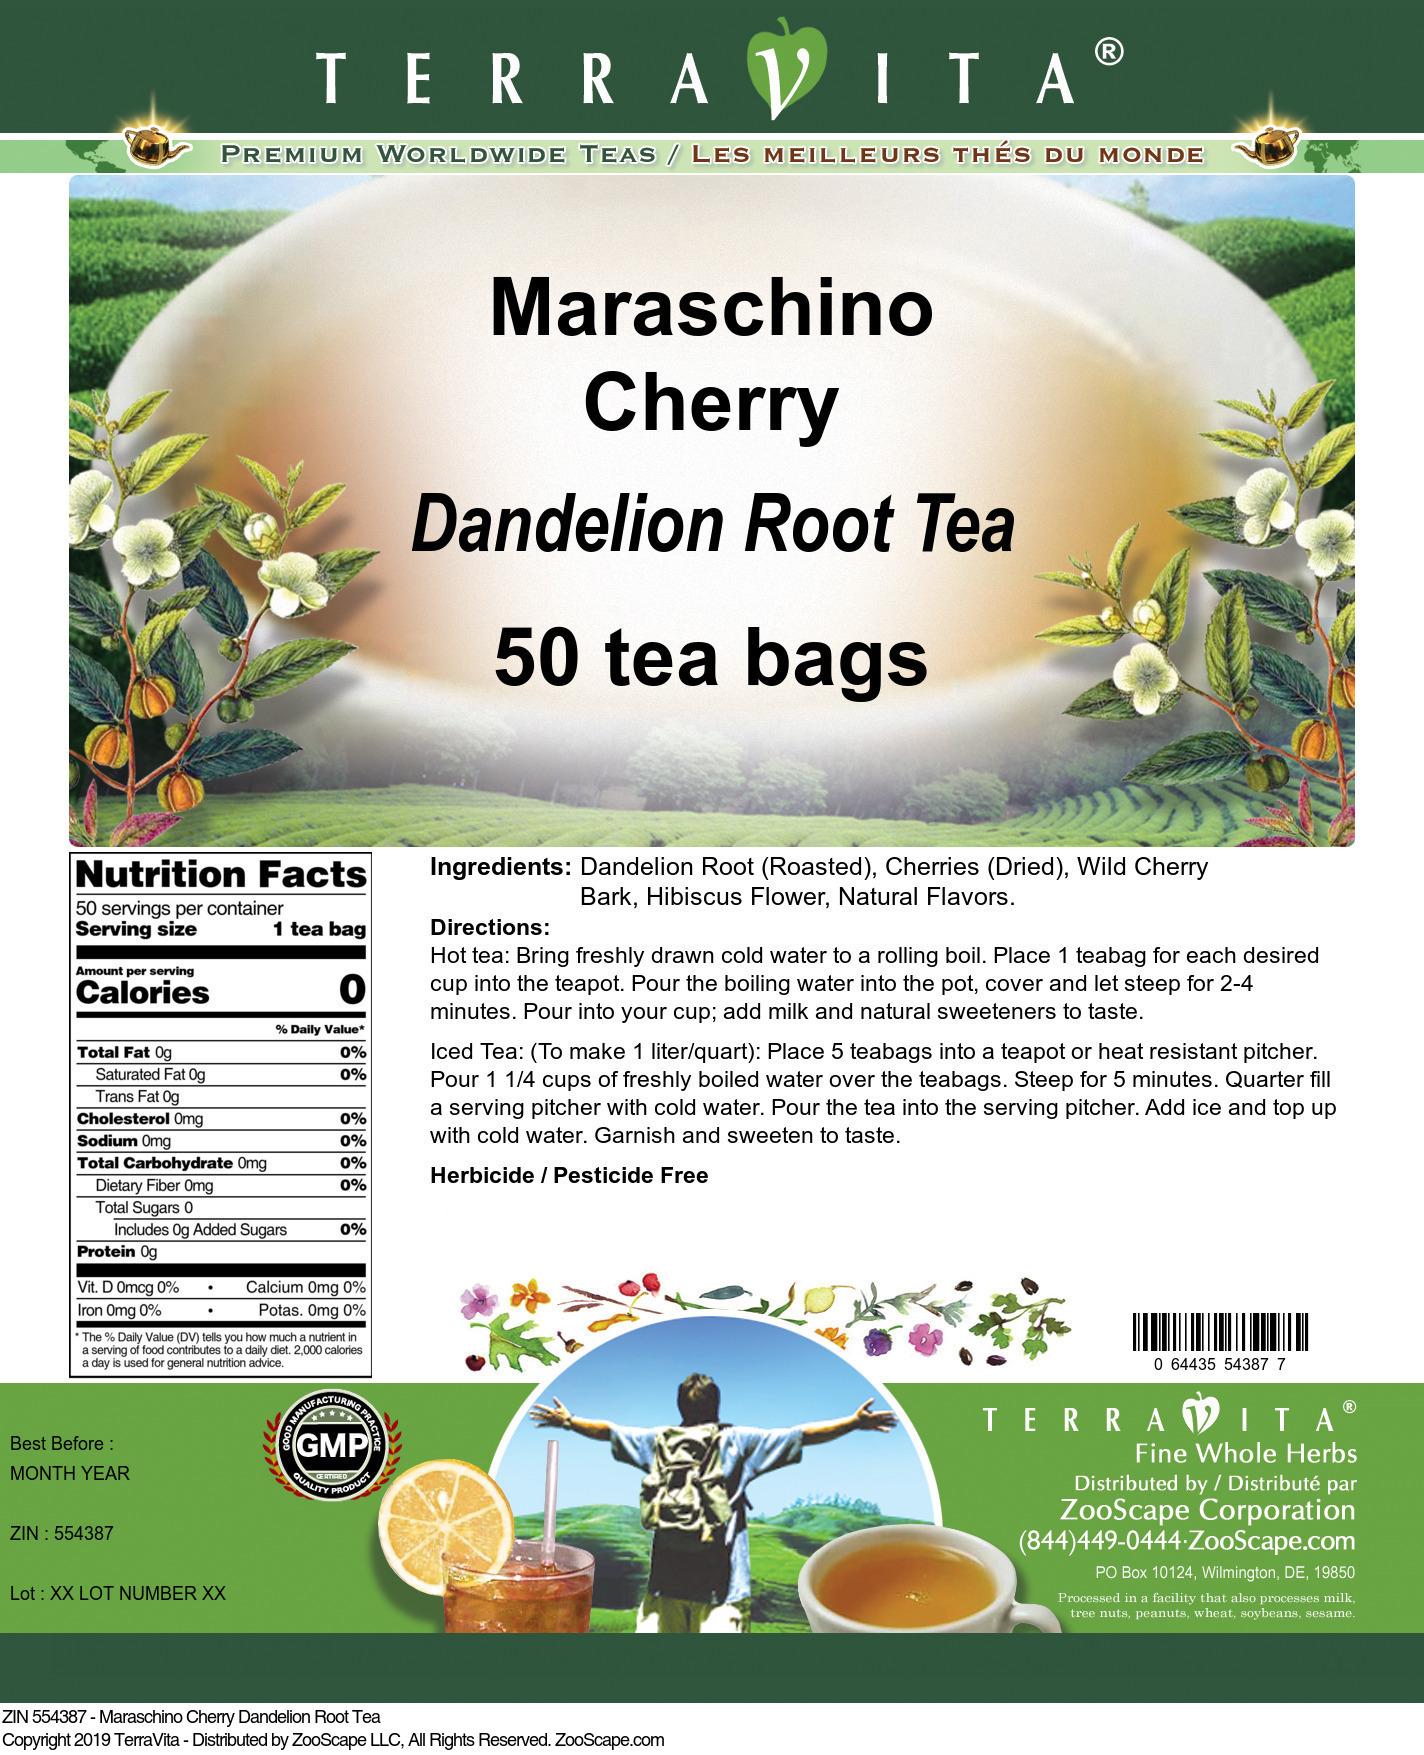 Maraschino Cherry Dandelion Root